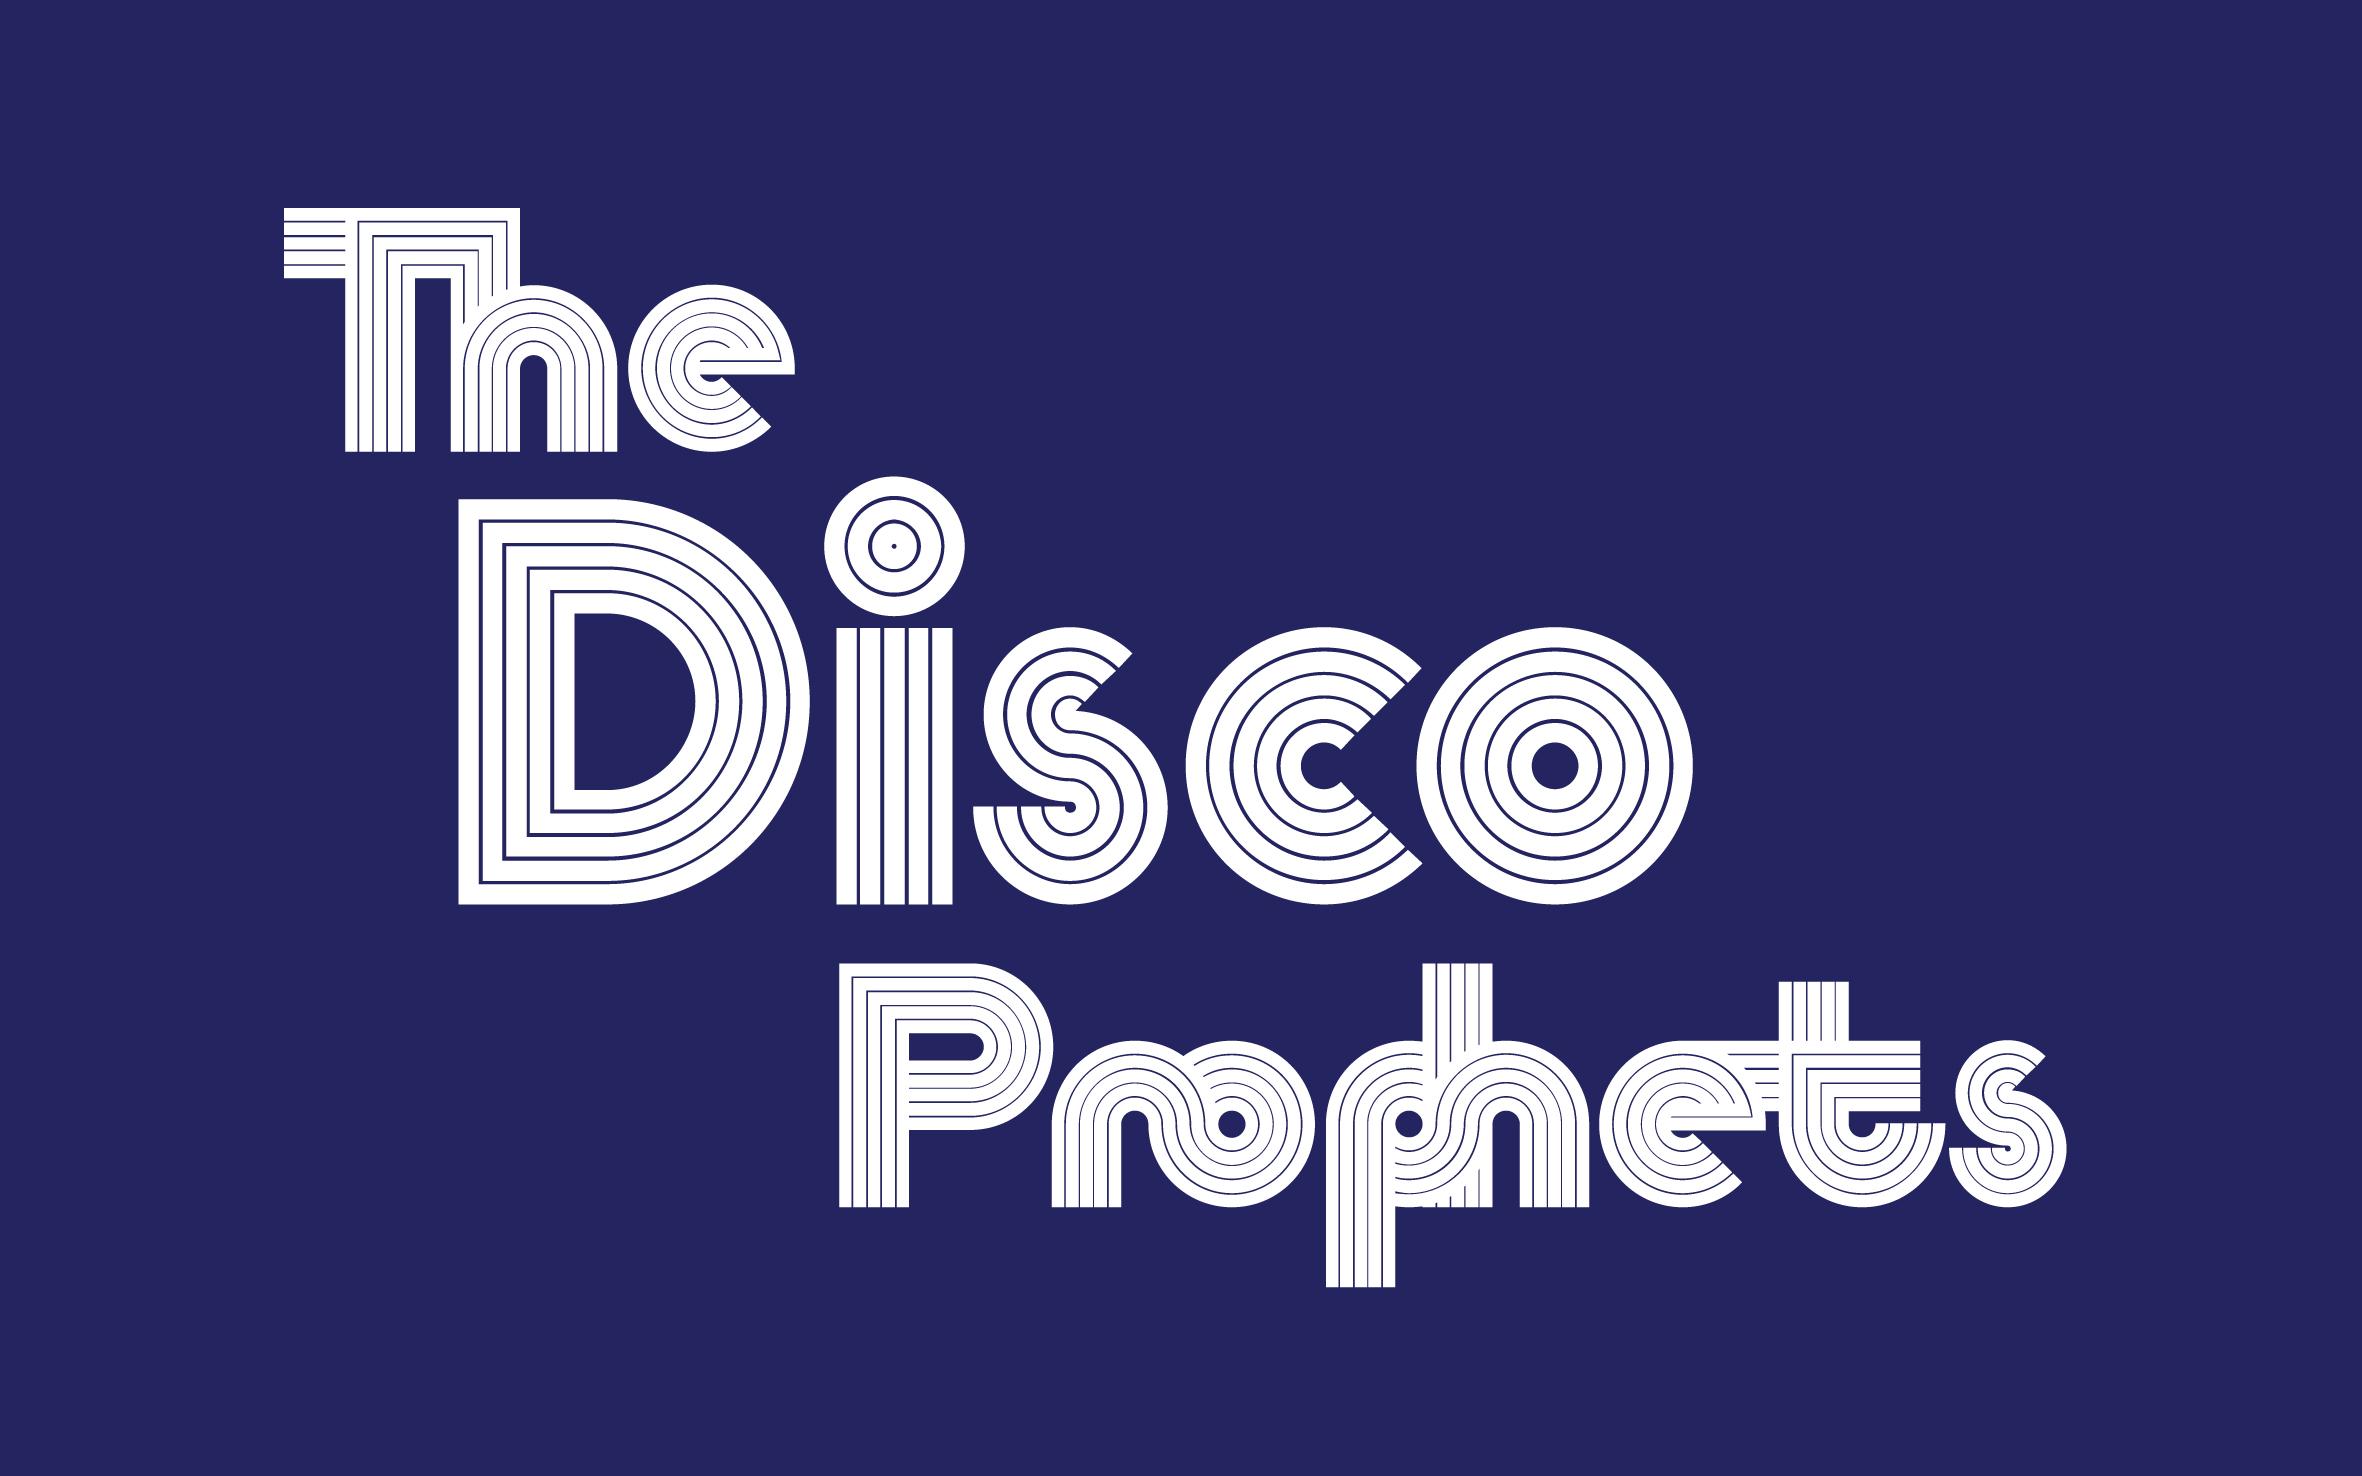 Disco Prophets side 01.jpg